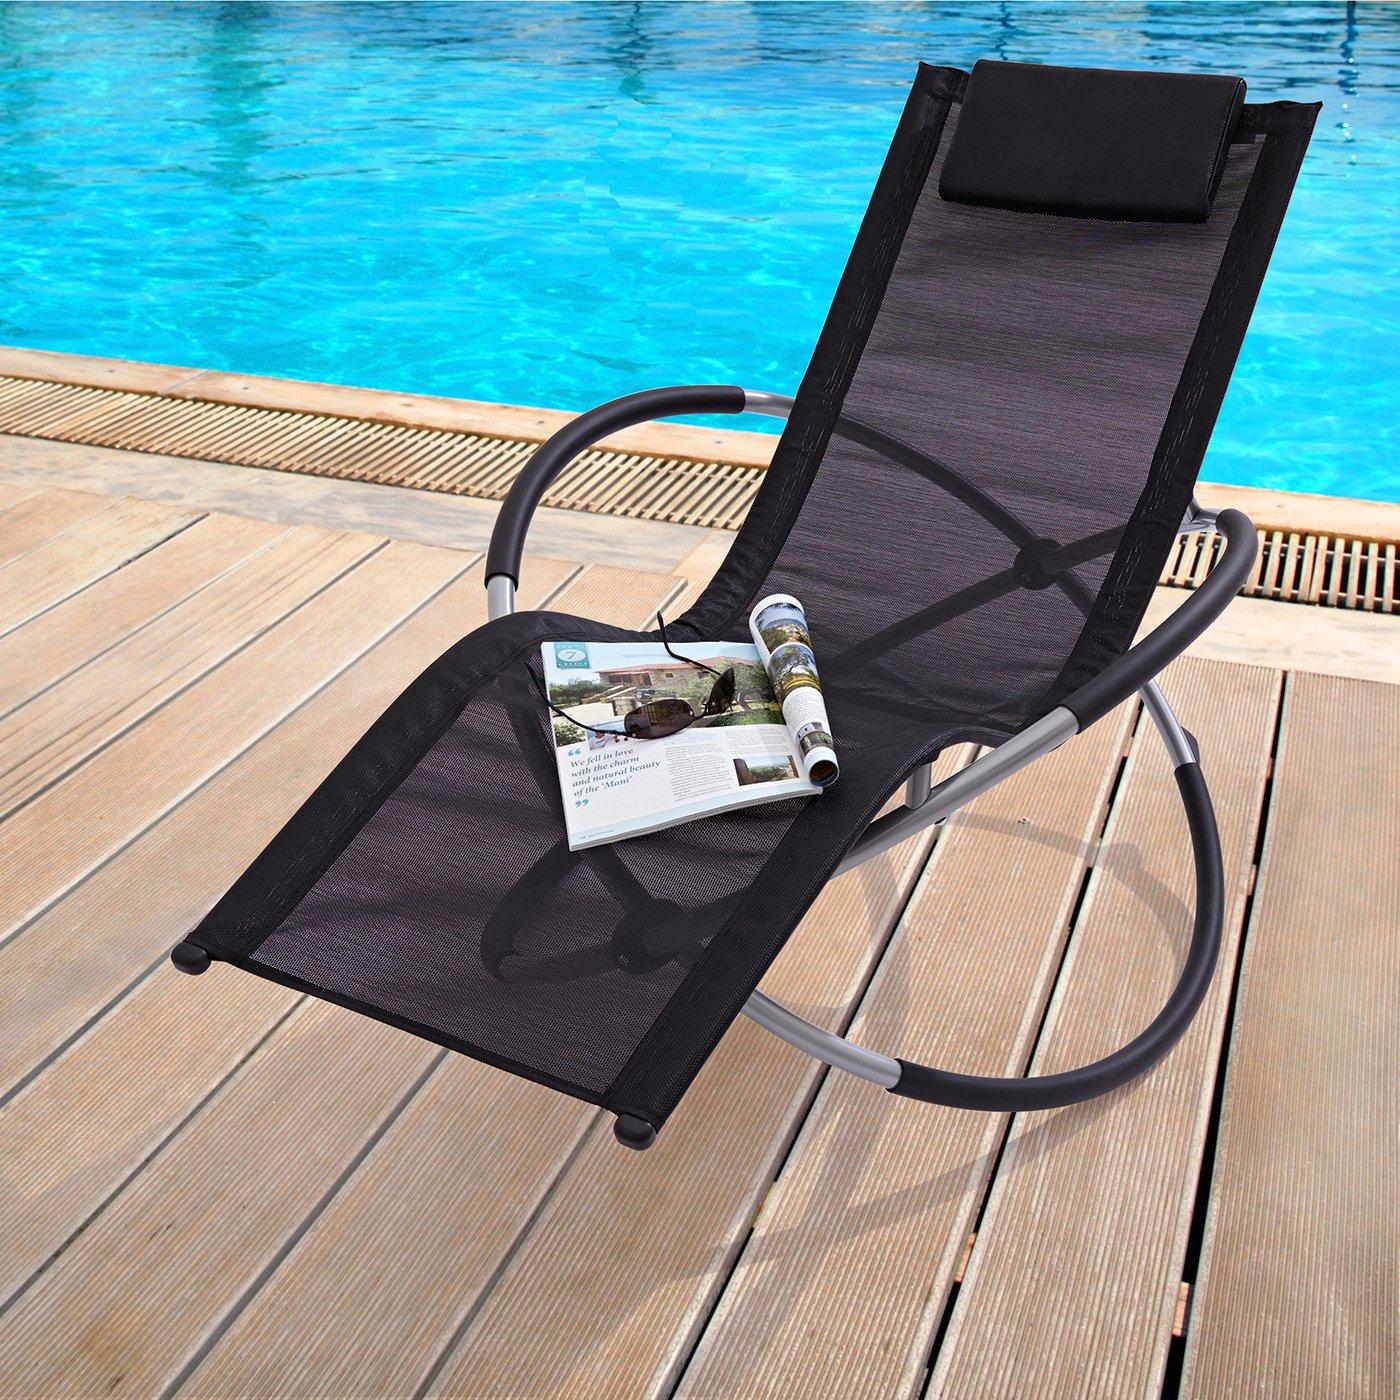 Zen Black Folding Garden Sun Lounger Rocking Chair